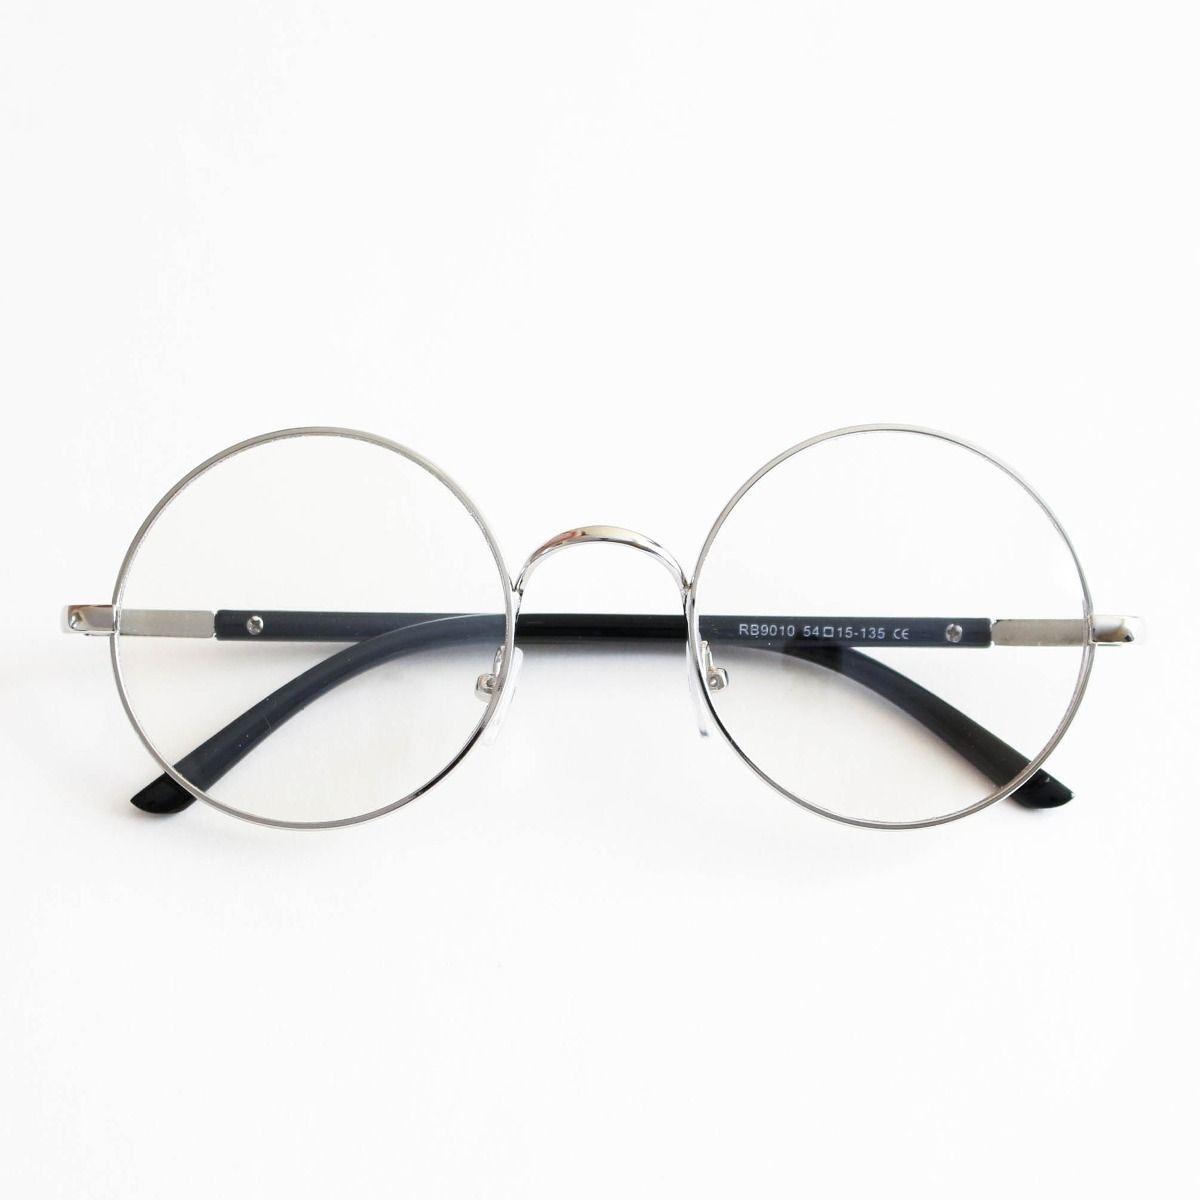 Resultado de imagem para oculos de grau redondo masculino   Óculos ... 9bf432c2cb